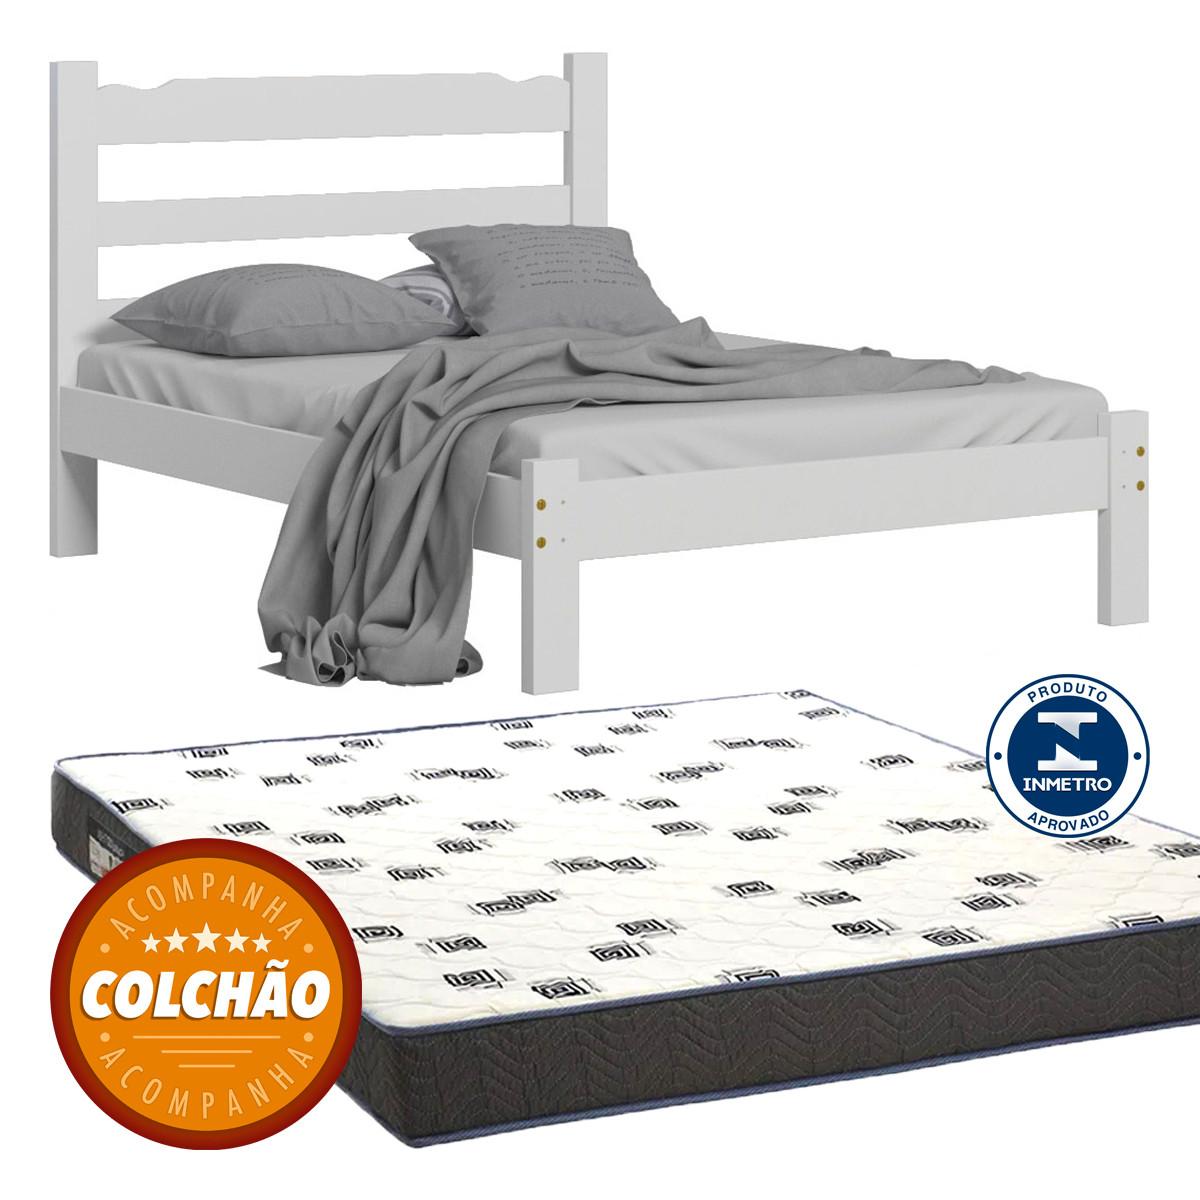 Cama Casal Cor Branco + Colchao